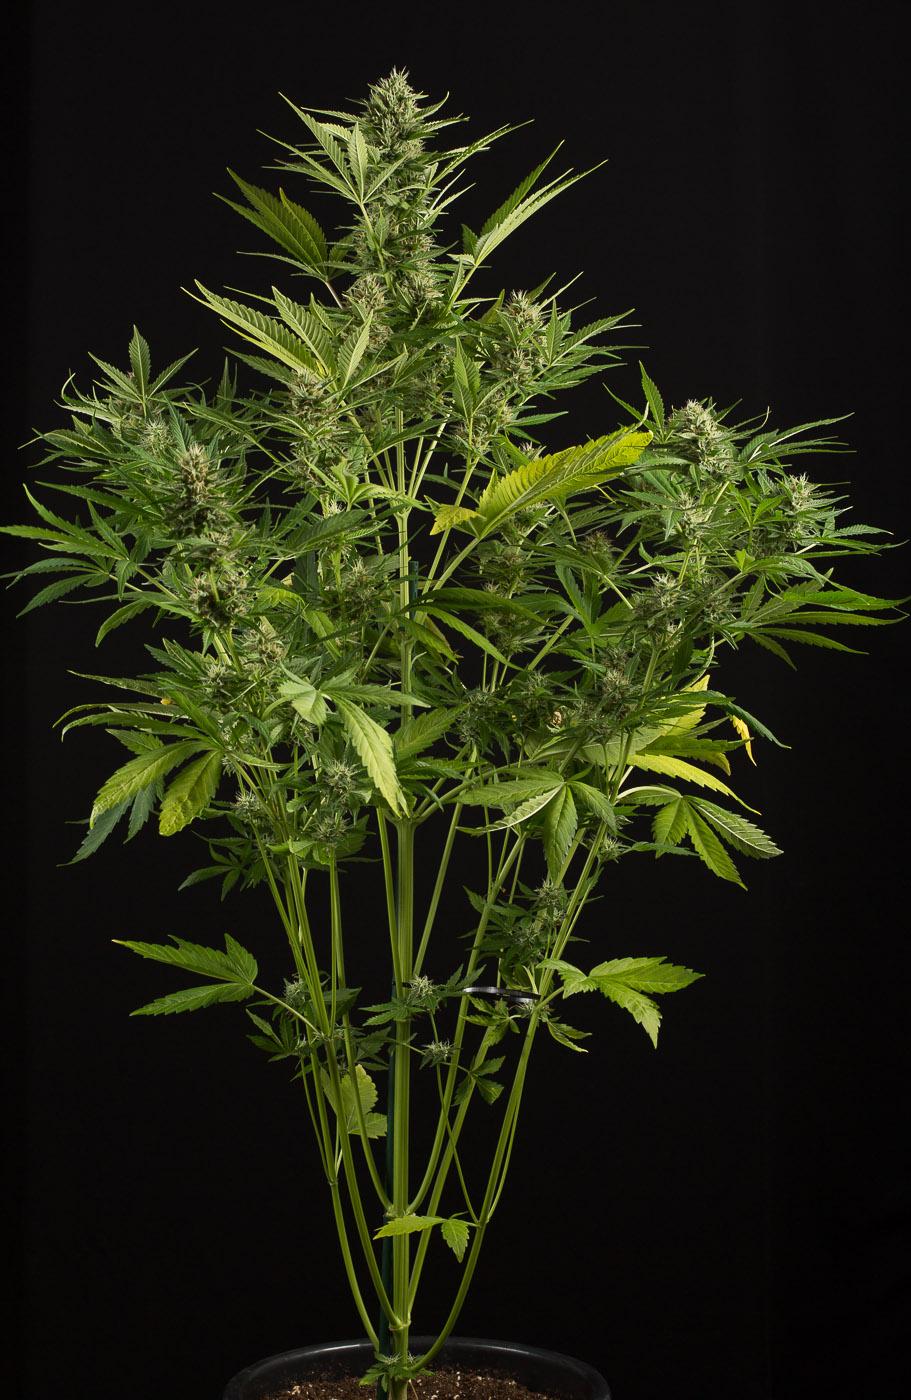 White Widow Xxl Autoflowering Buy White Widow Xxl Auto Cannabis Seeds